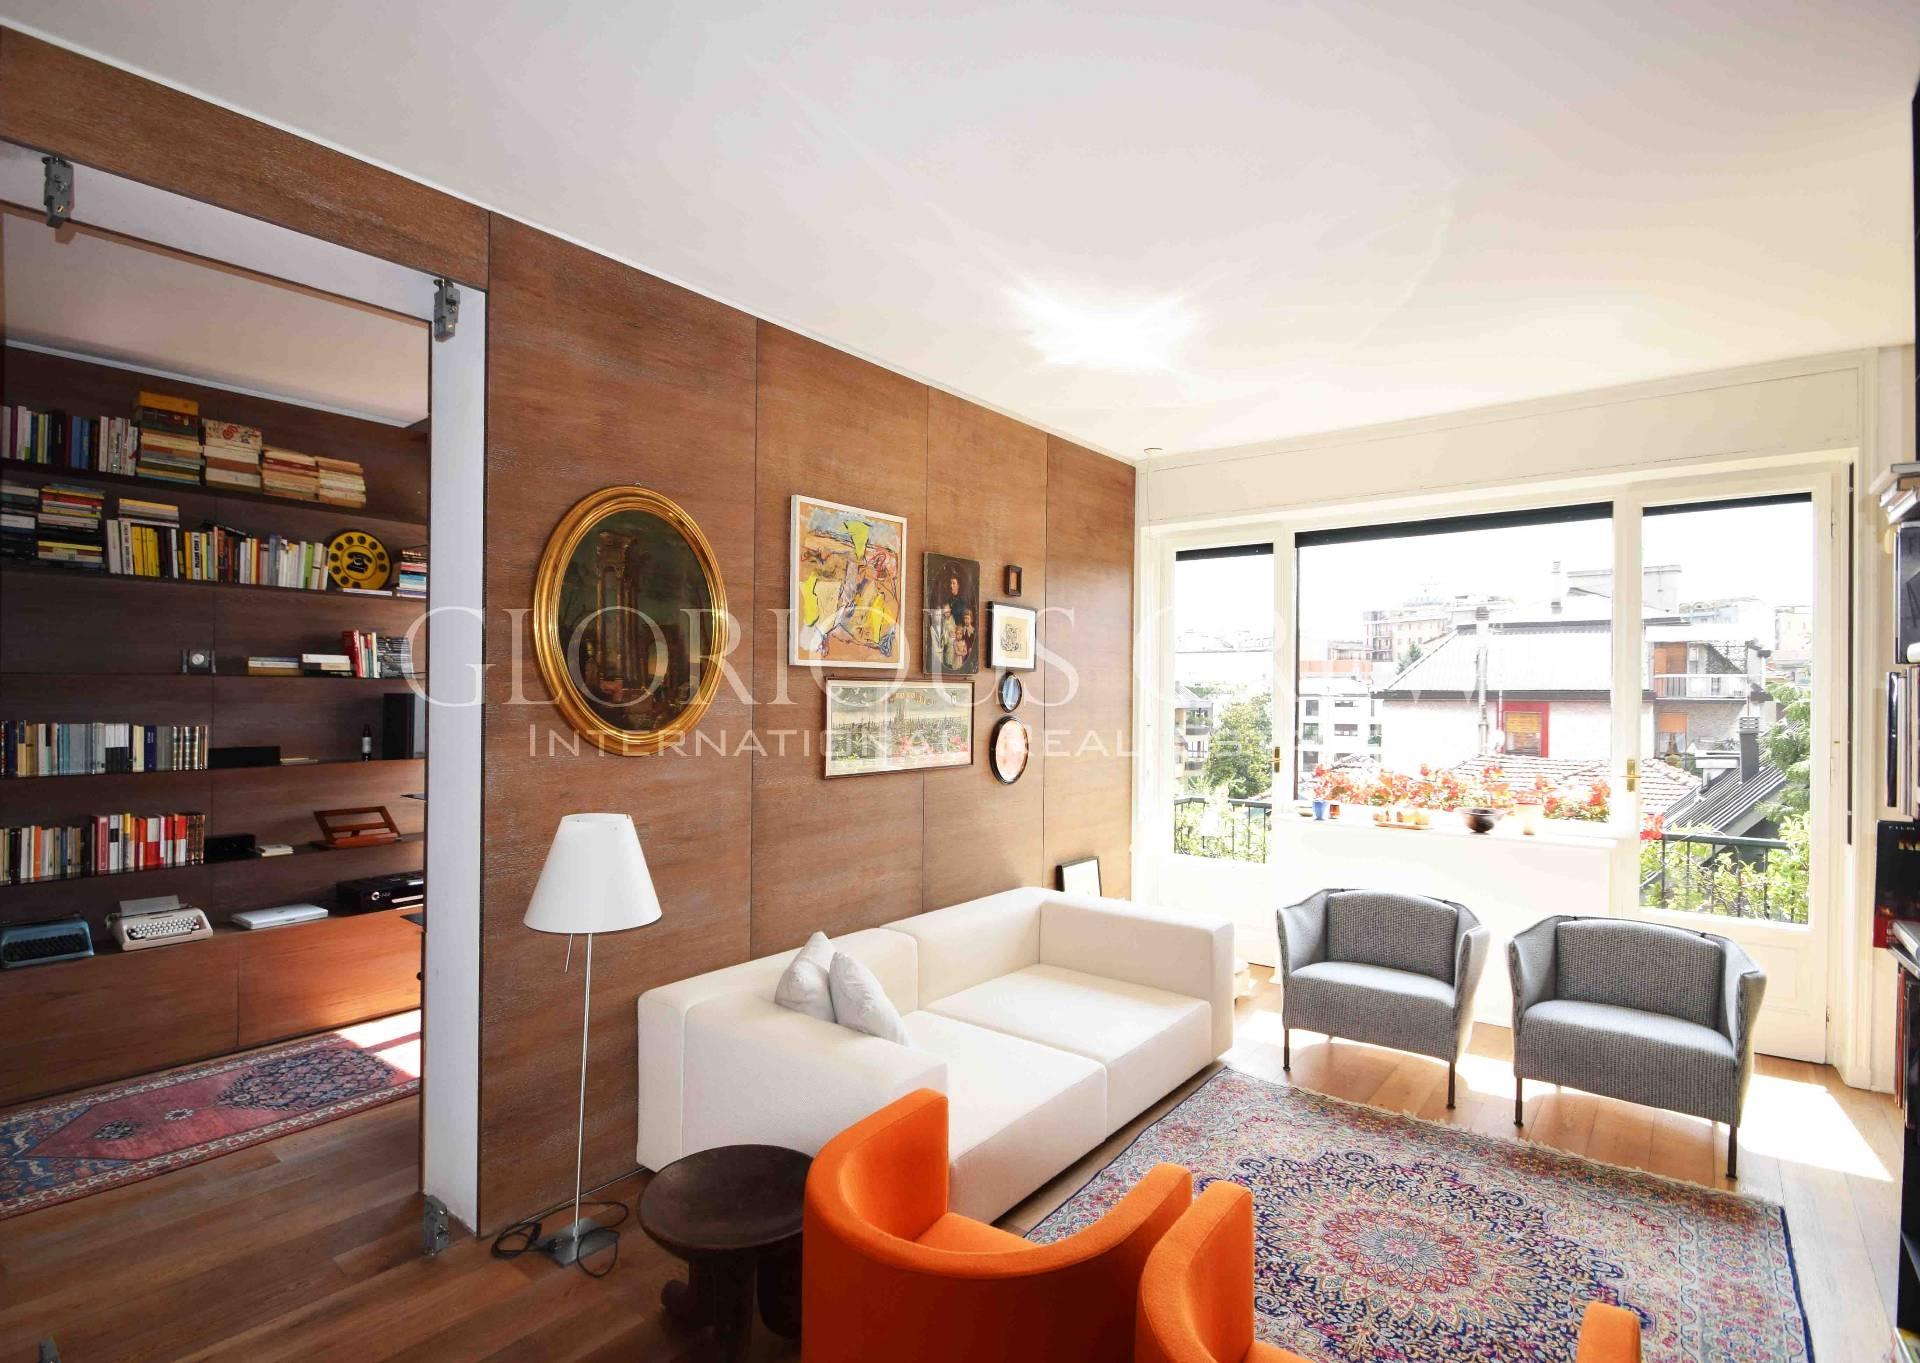 Appartamento in Vendita a Milano 17 Marghera / Wagner / Fiera: 4 locali, 156 mq